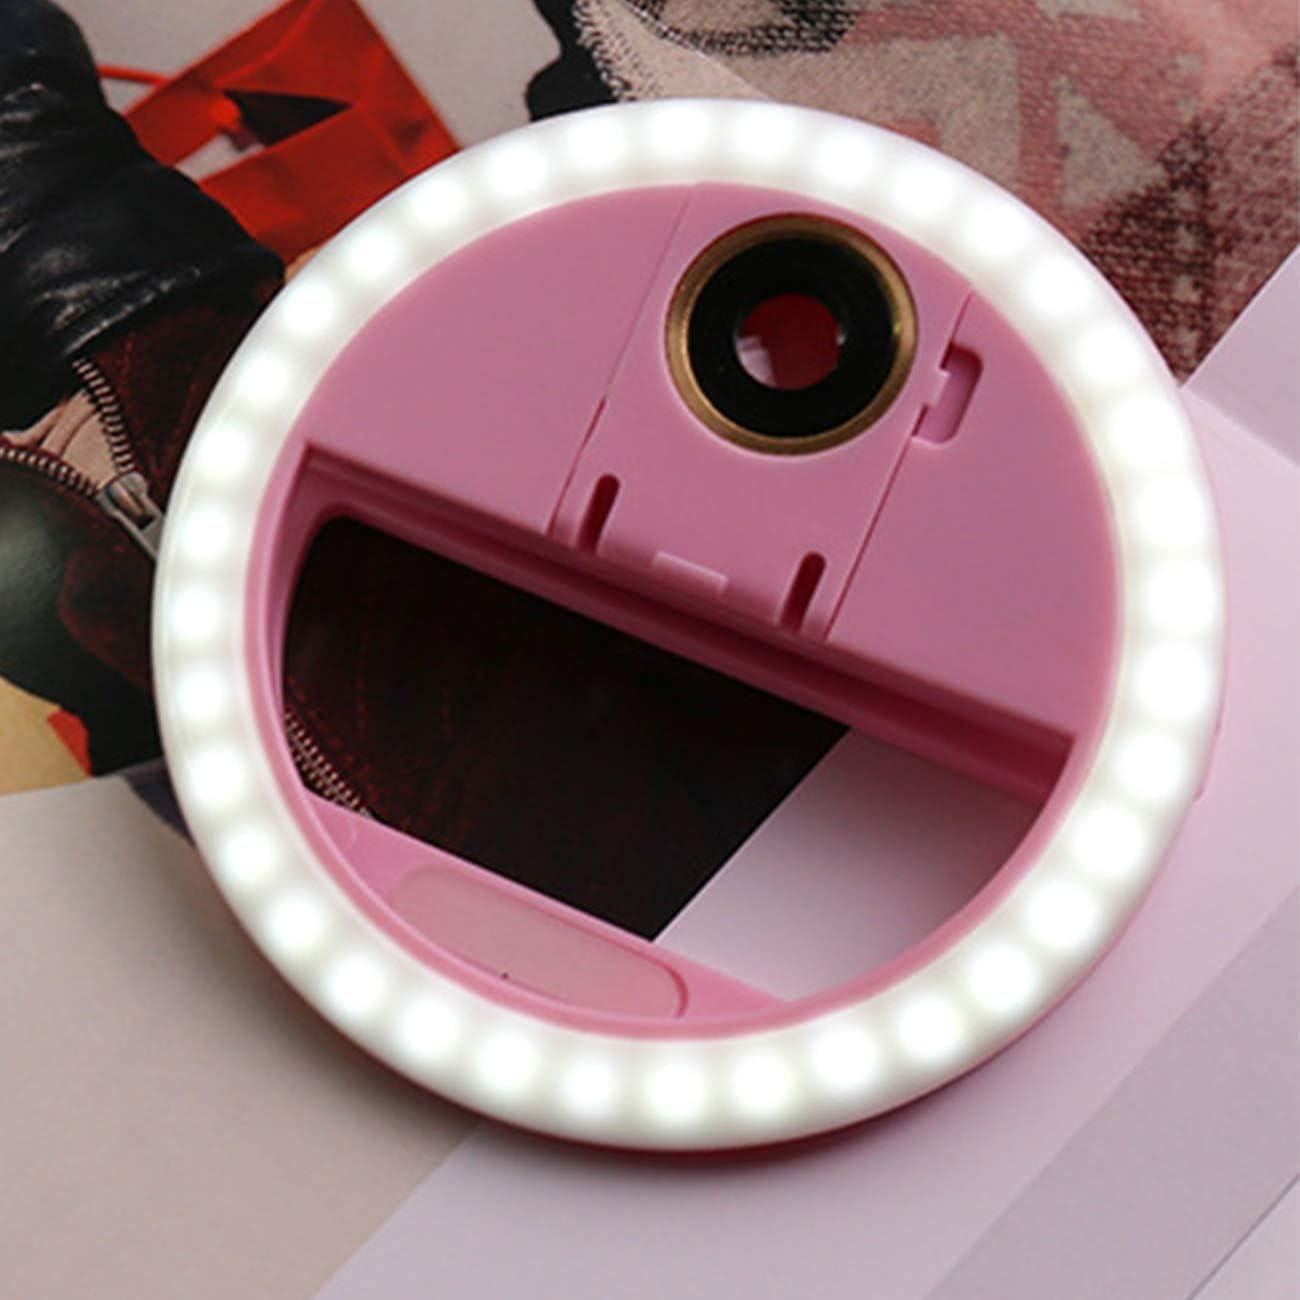 Tiktok luz LED USB Recargable Selfie Light Clip en Tel/éfono con Ajuste Continuo de 3 Modos de luz para Youtube Maquillaje Vlog Aro de luz led para Selfie con Lente Facebook,Transmisi/ón en Vivo